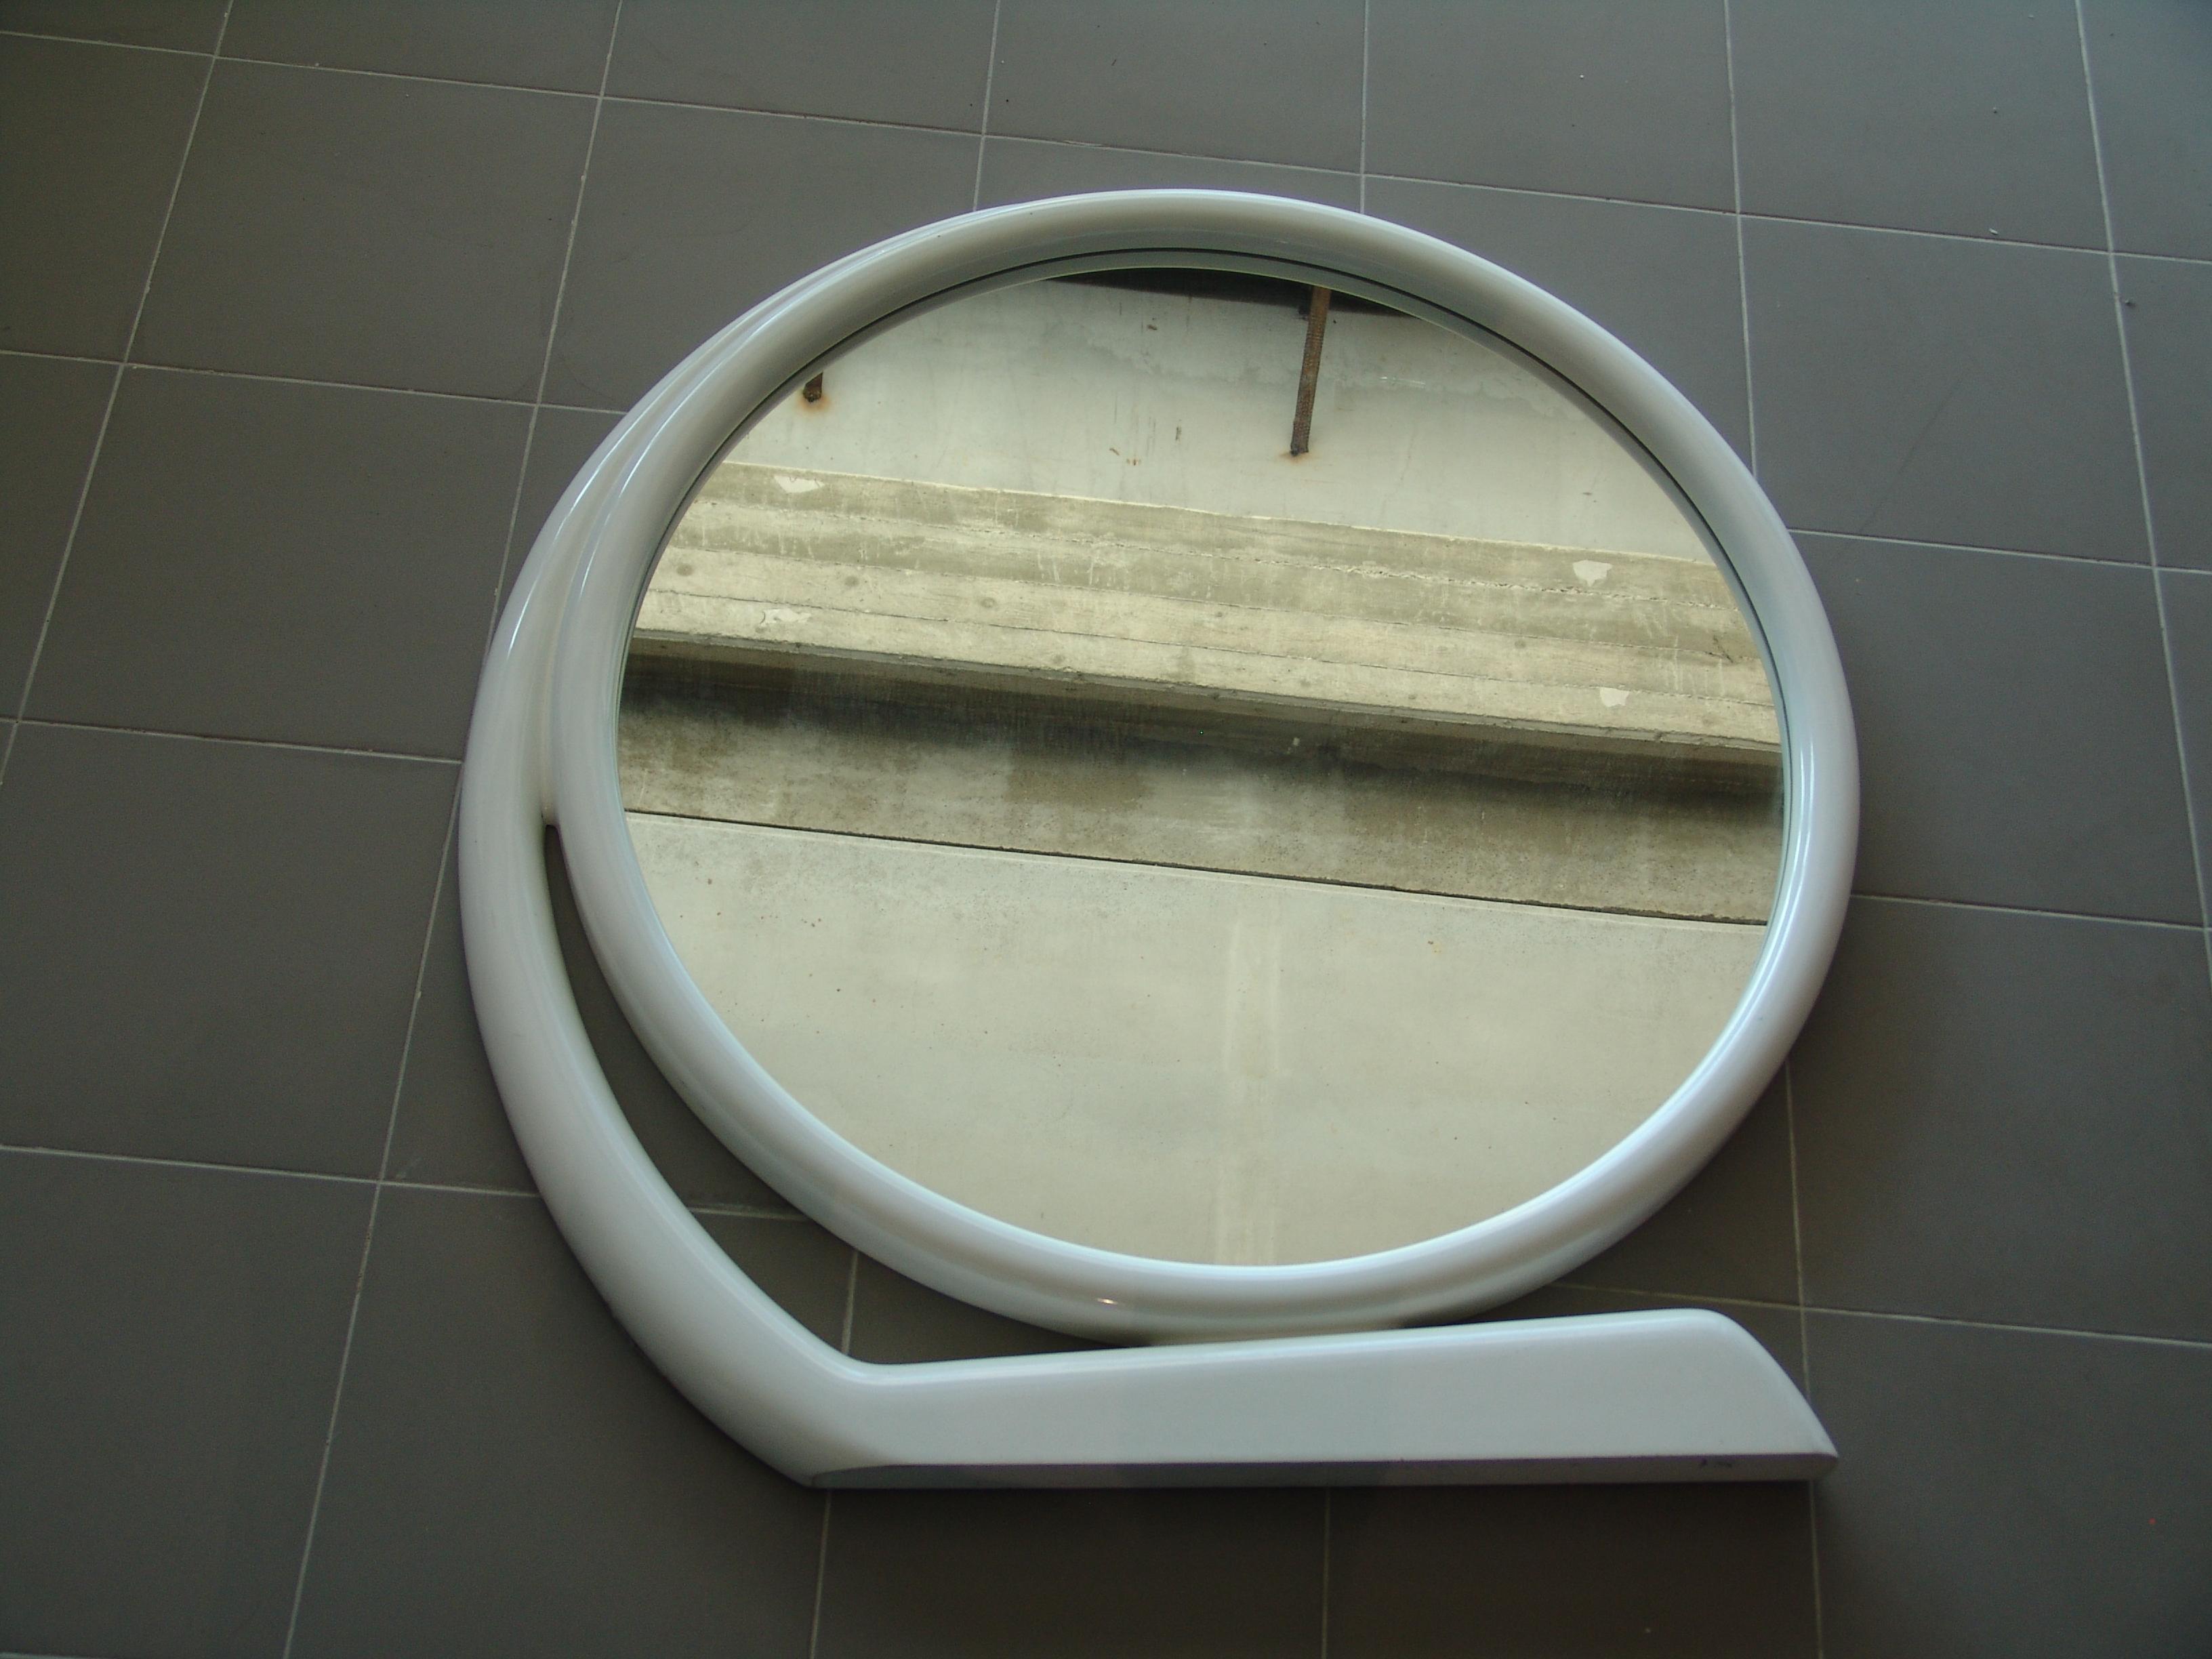 Specchio rotondo mobili lupparelli - Specchio rotondo ...